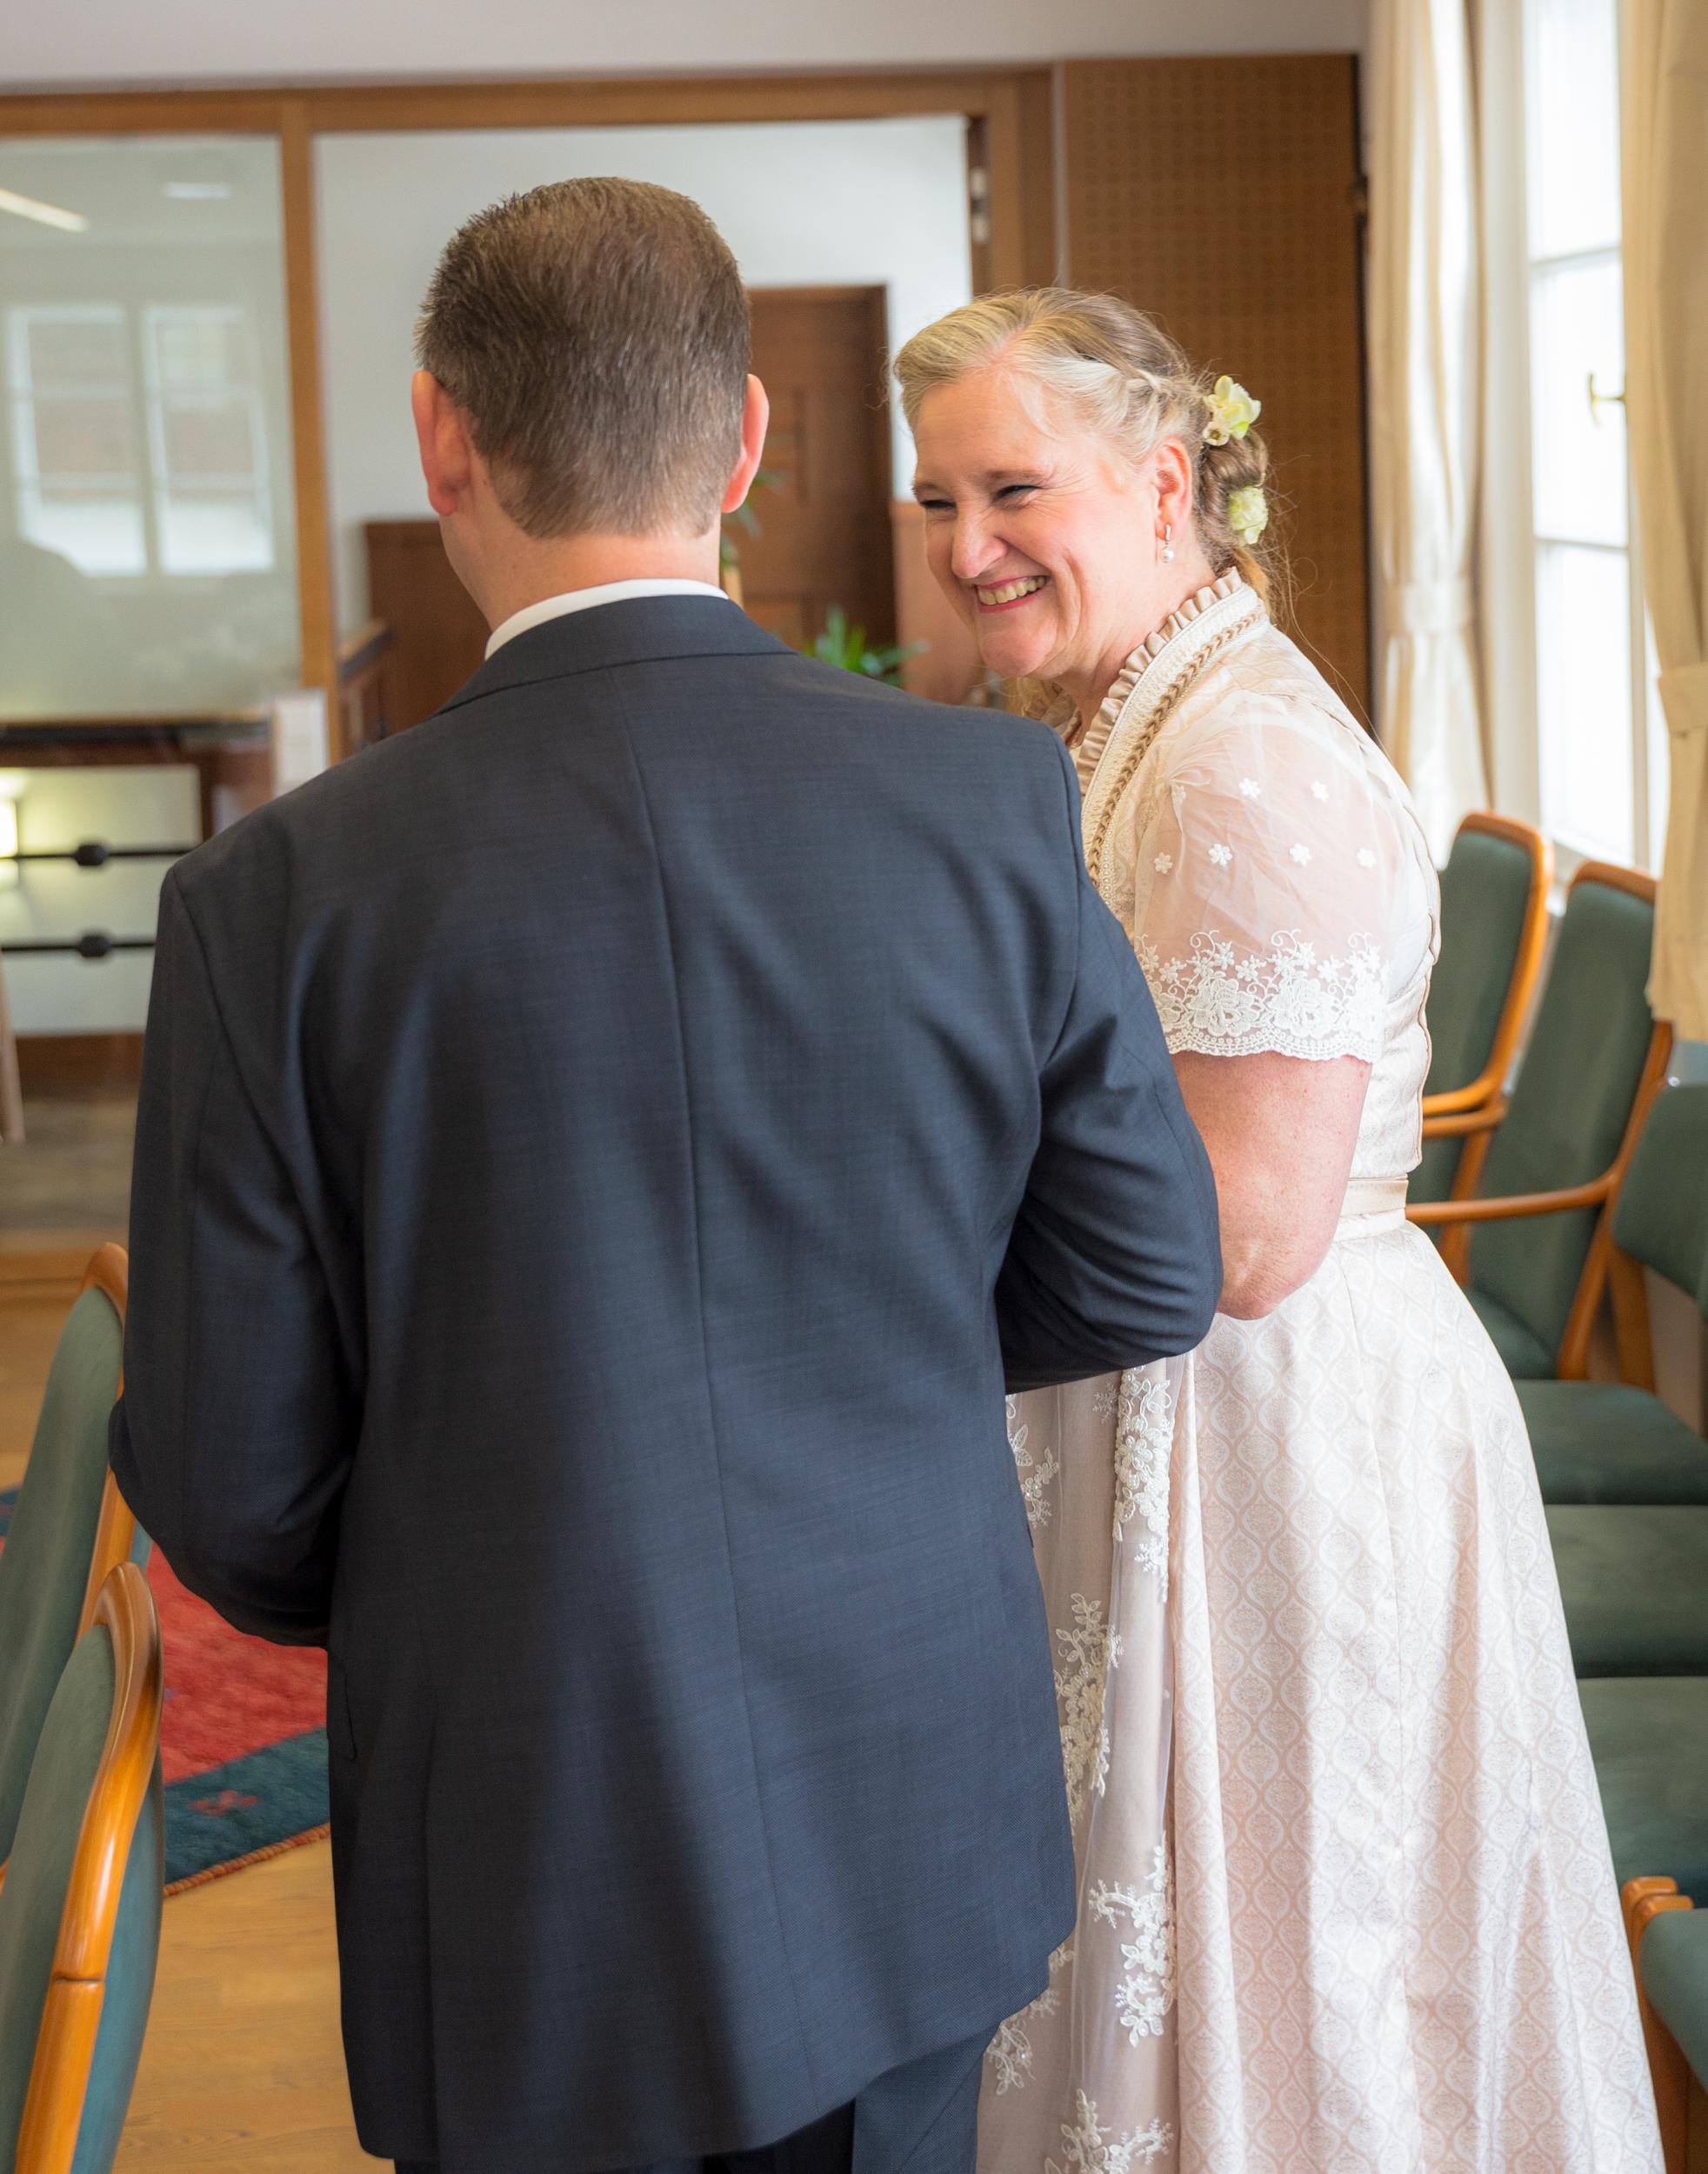 20190212_Hochzeit Koenig_0299.jpg